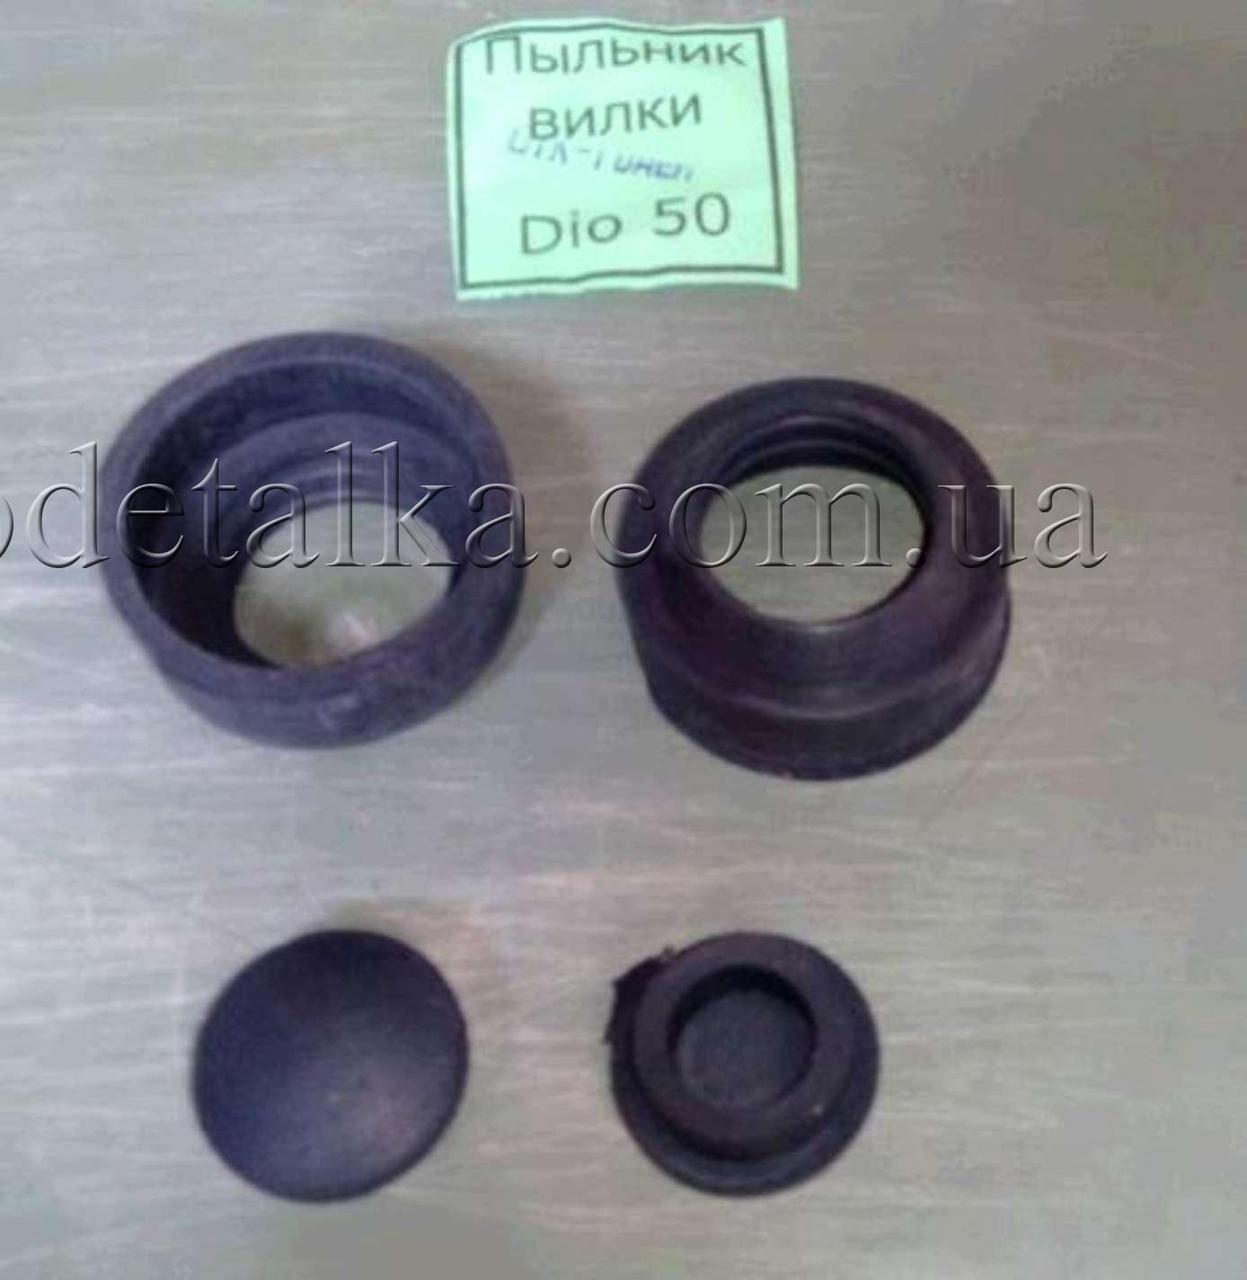 Ремкомплект вилки Honda DIO (пыльник вилки, резина) SKY